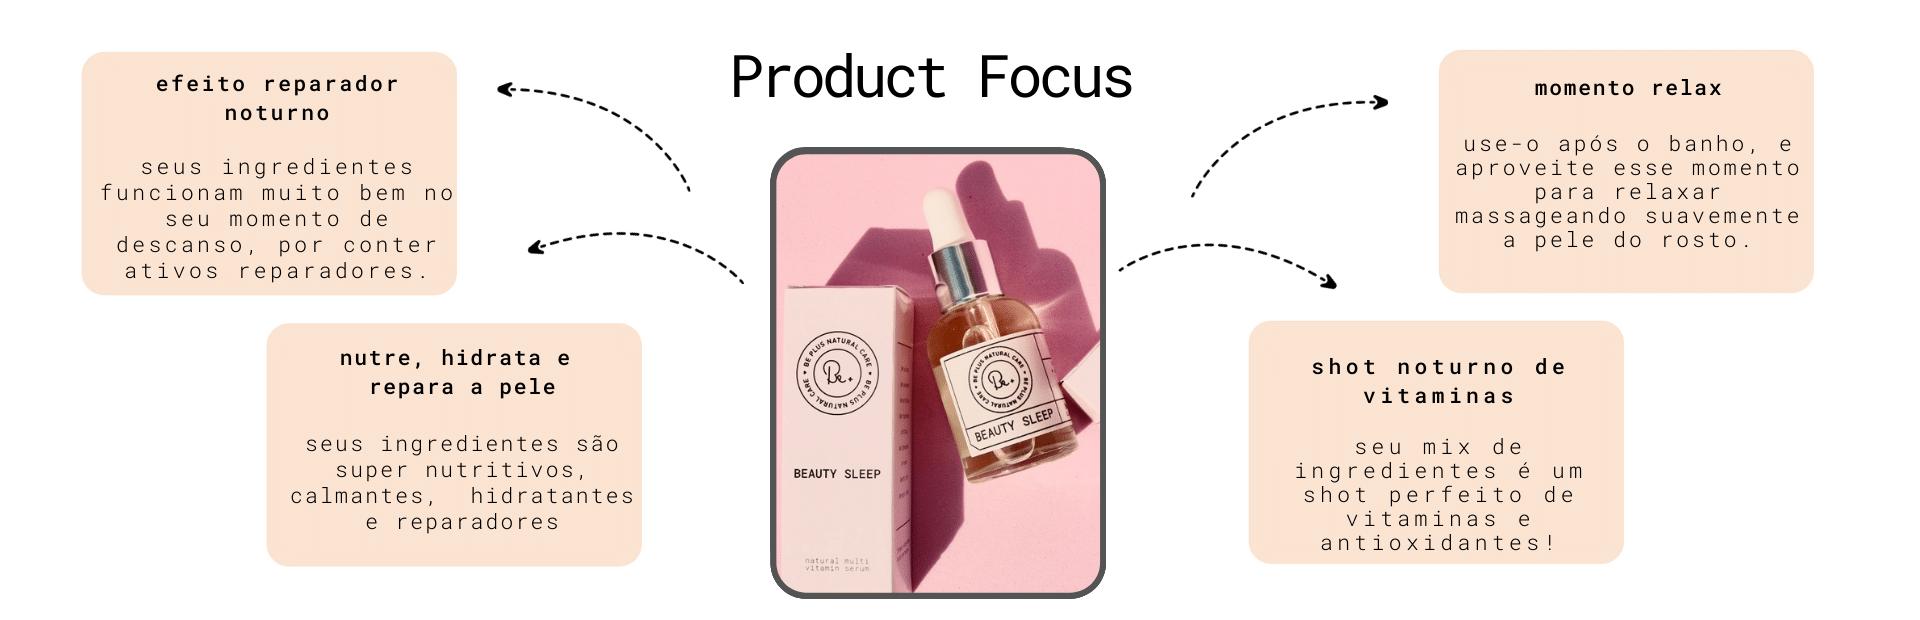 [Banner produto] beauty sleep